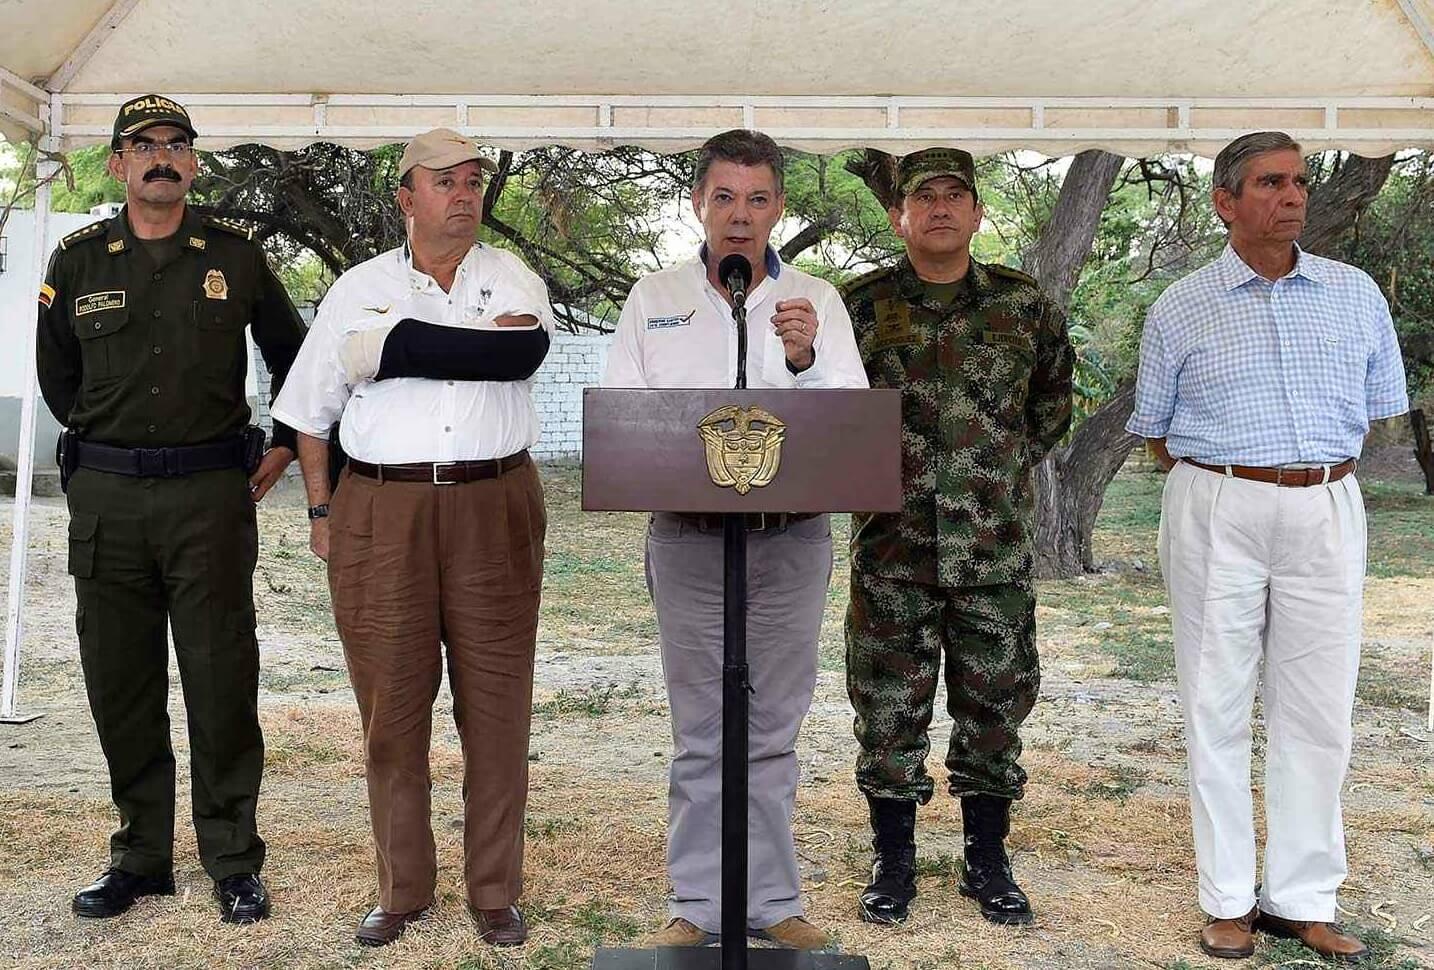 ¿Es posible trasladar a los presos de la Fuerza Pública a bases militares?